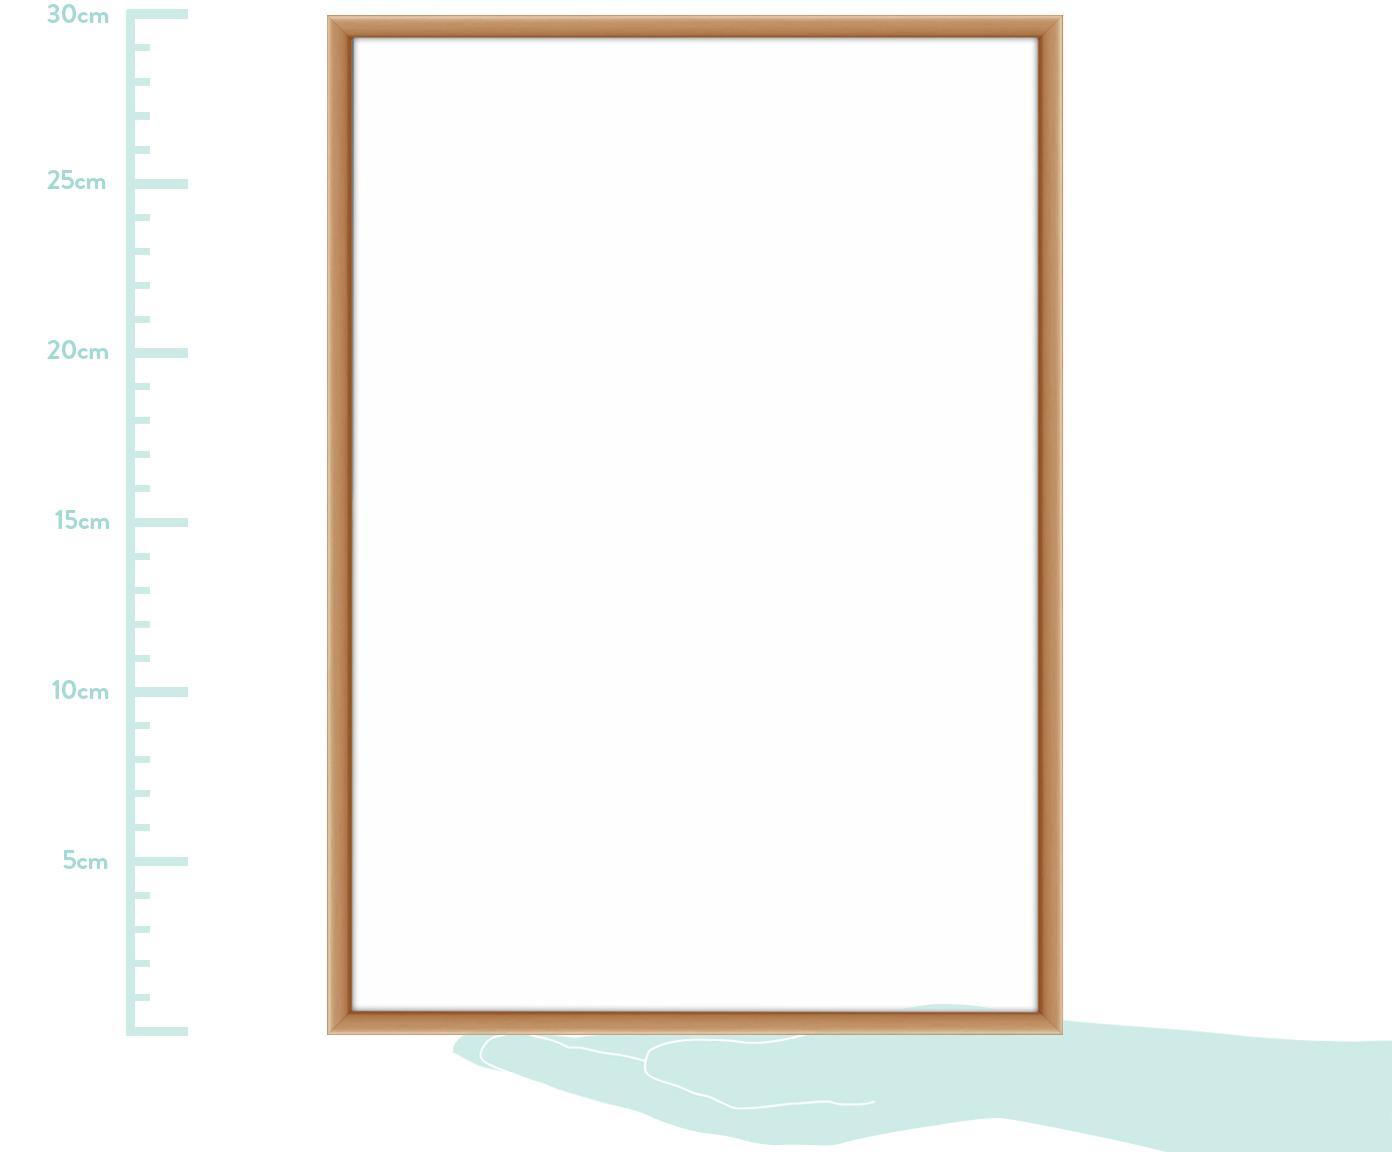 Ramka na zdjęcia Accent, Odcienie miedzi, 21 x 30 cm